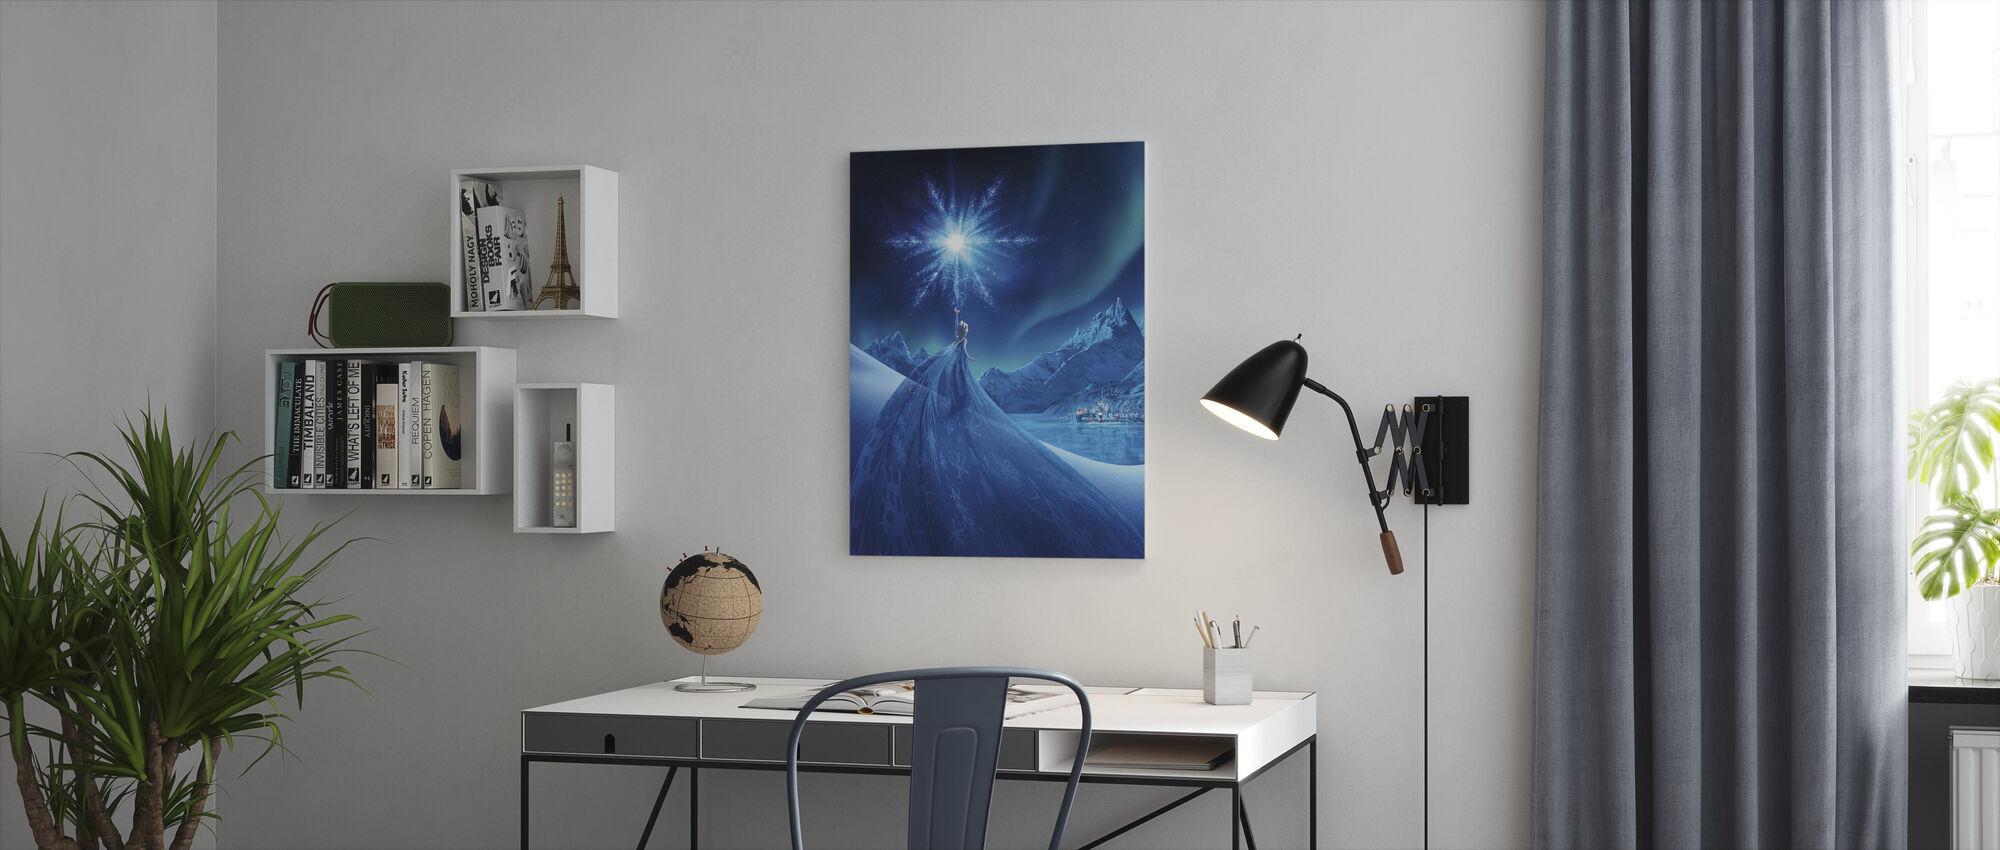 Jäätynyt - Revontulien taikuus - Canvastaulu - Toimisto